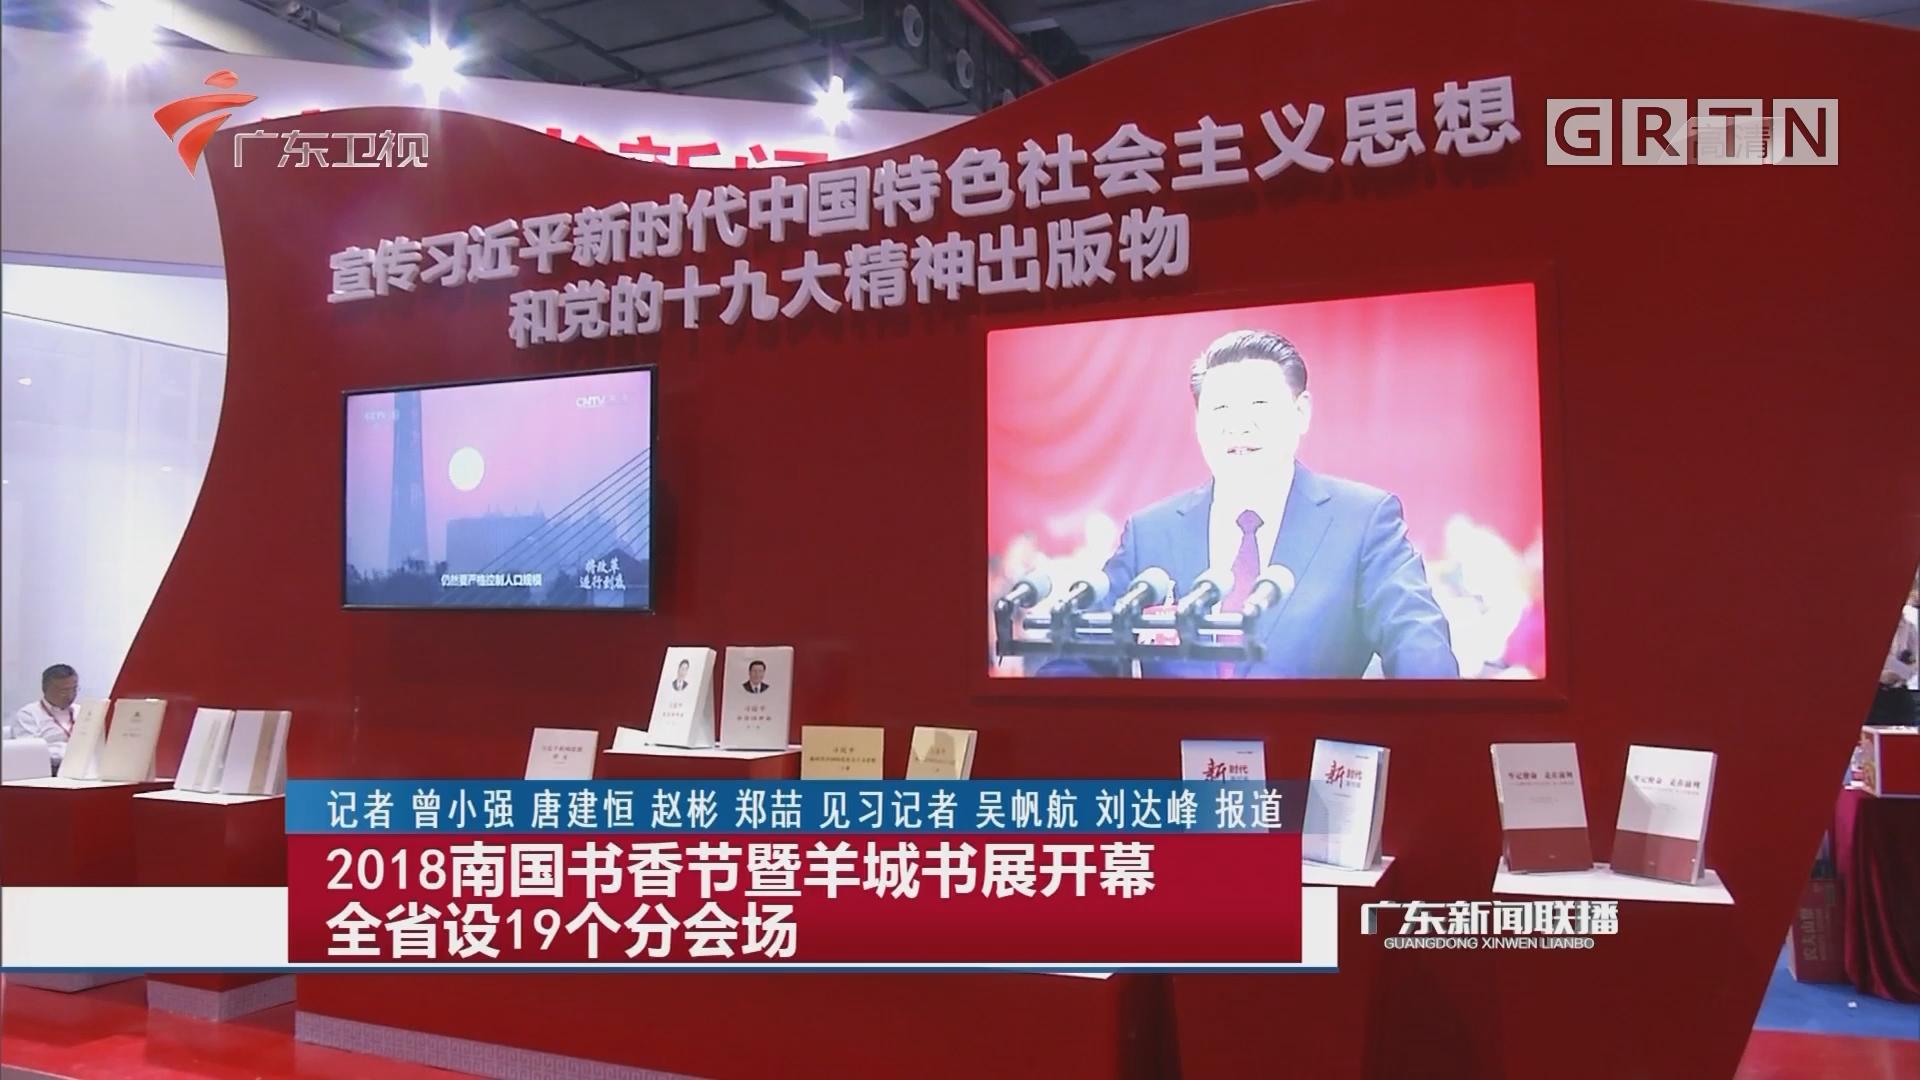 2018南国书香节暨羊城书展开幕 全省设19个分会场